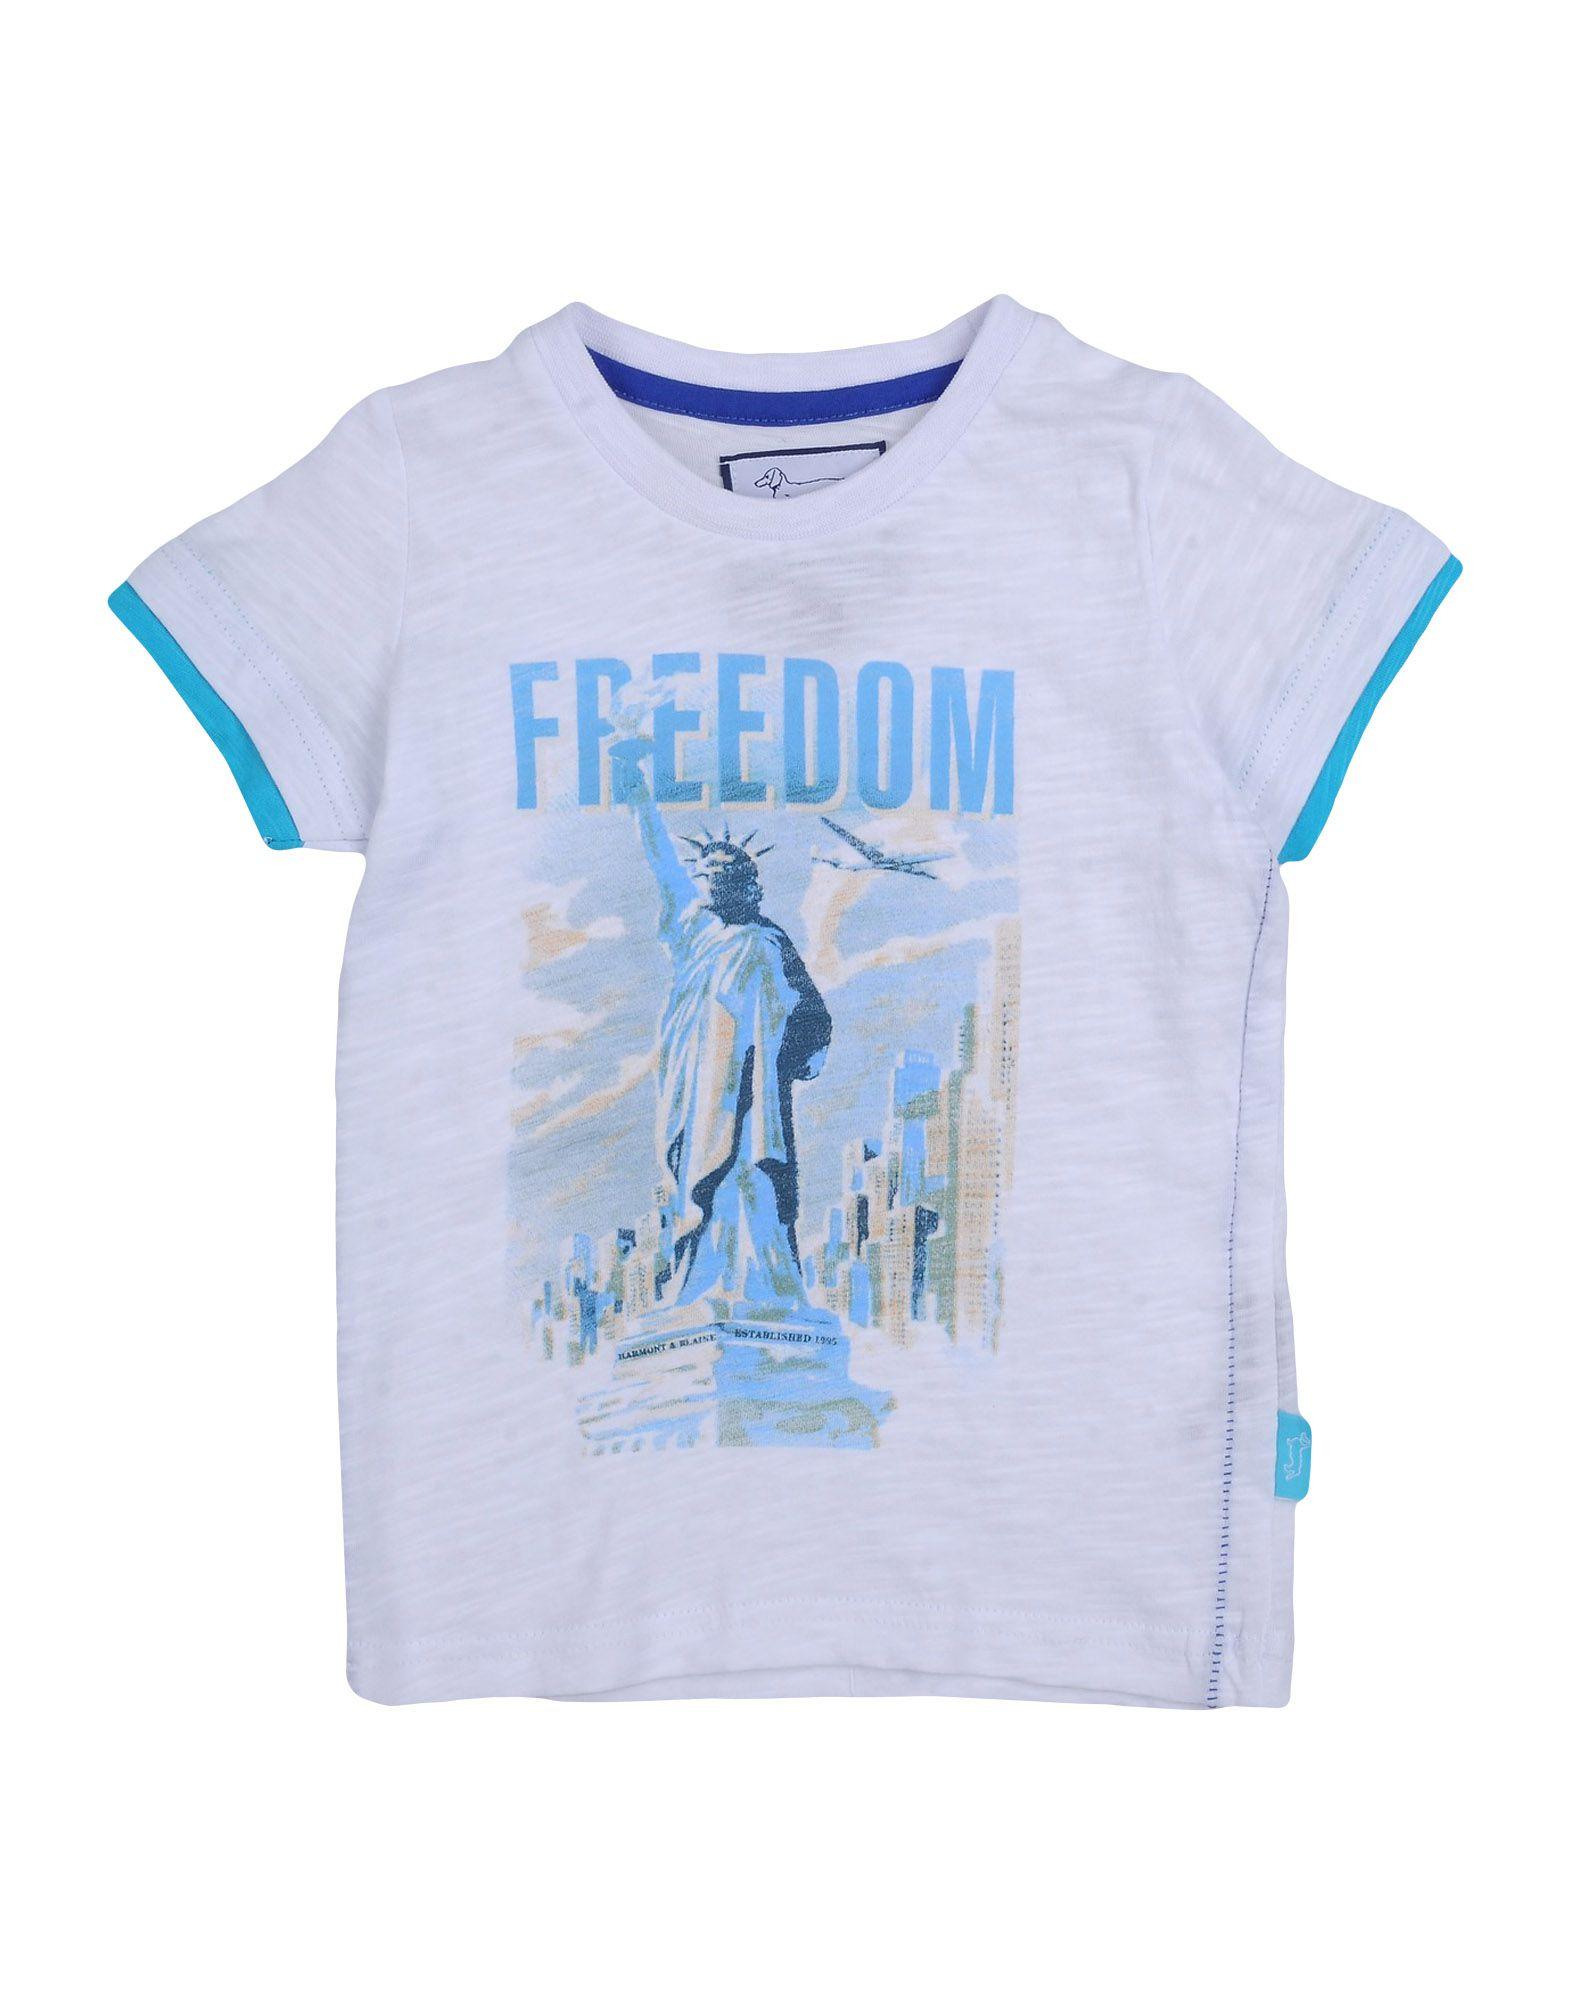 HARMONT&BLAINE Jungen 0-24 monate T-shirts Farbe Weiß Größe 10